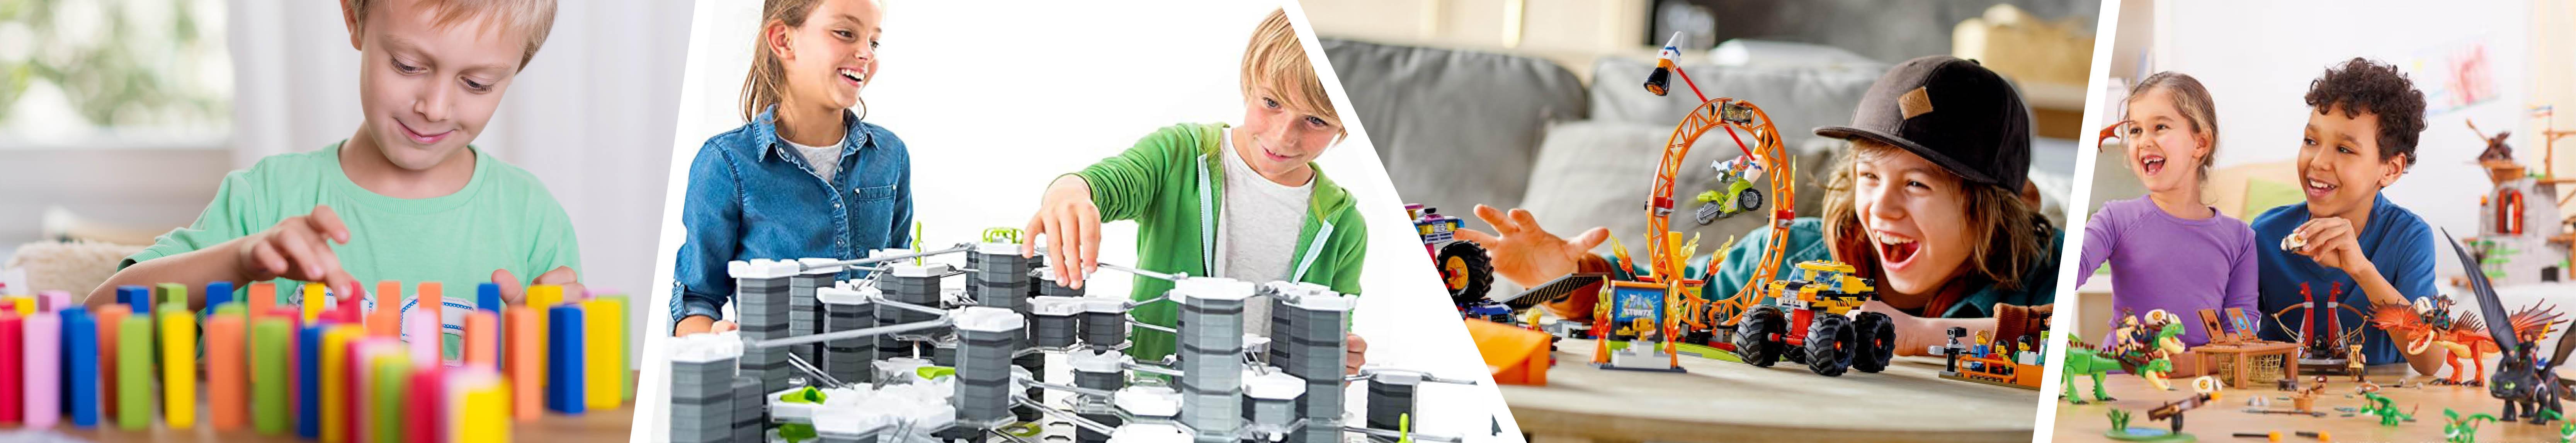 Bouwen en constructie